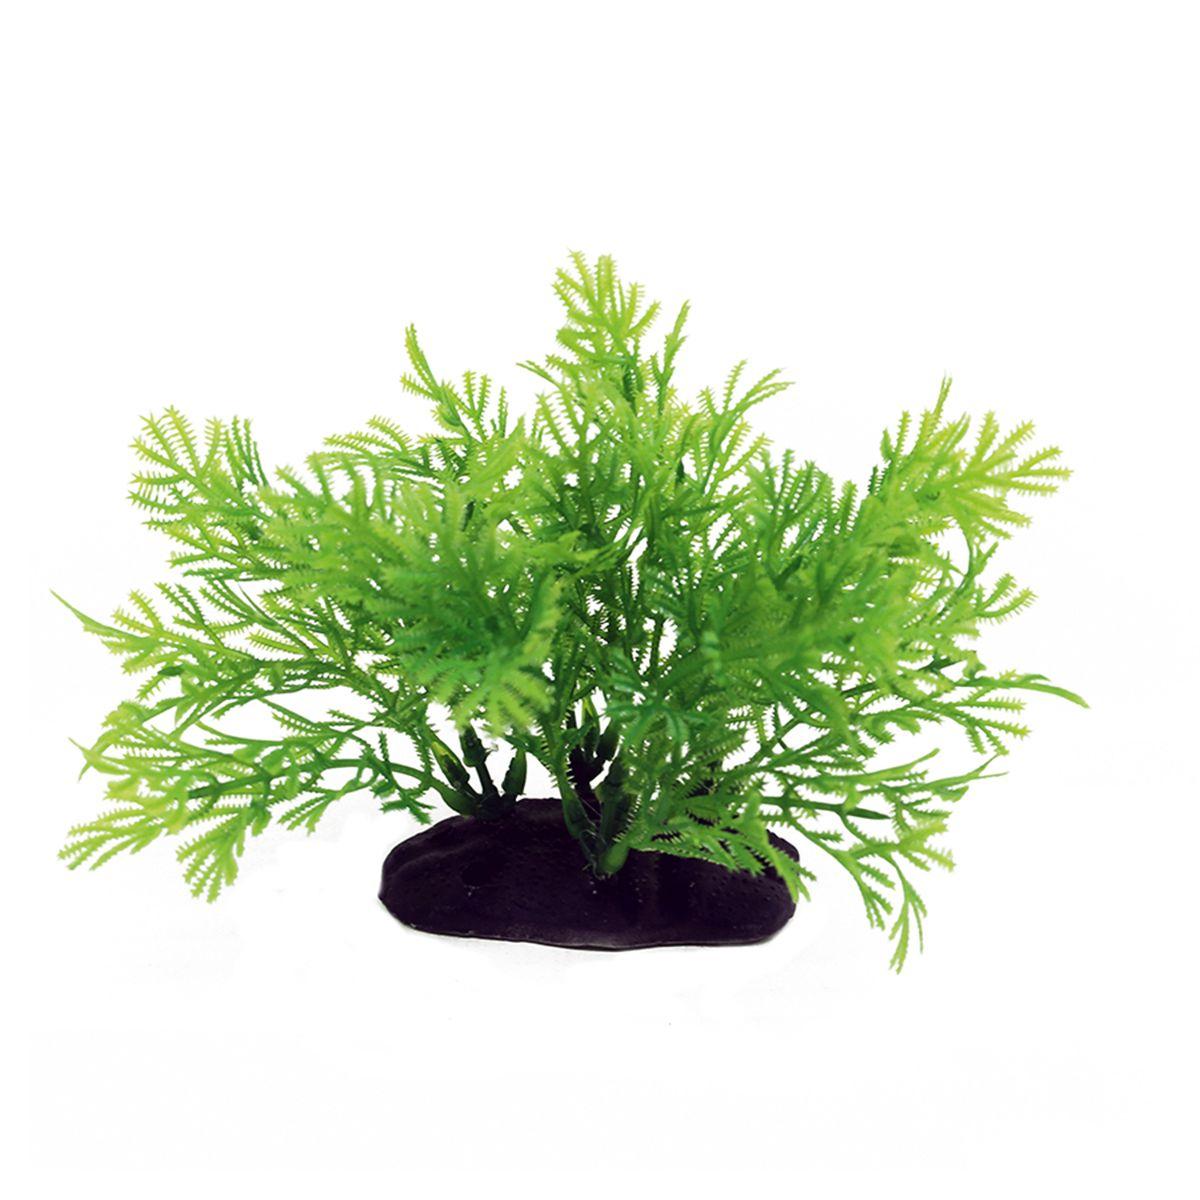 Растение для аквариума ArtUniq Хоттония, высота 10-12 см0120710Растение для аквариума ArtUniq Хоттония, высота 10-12 см